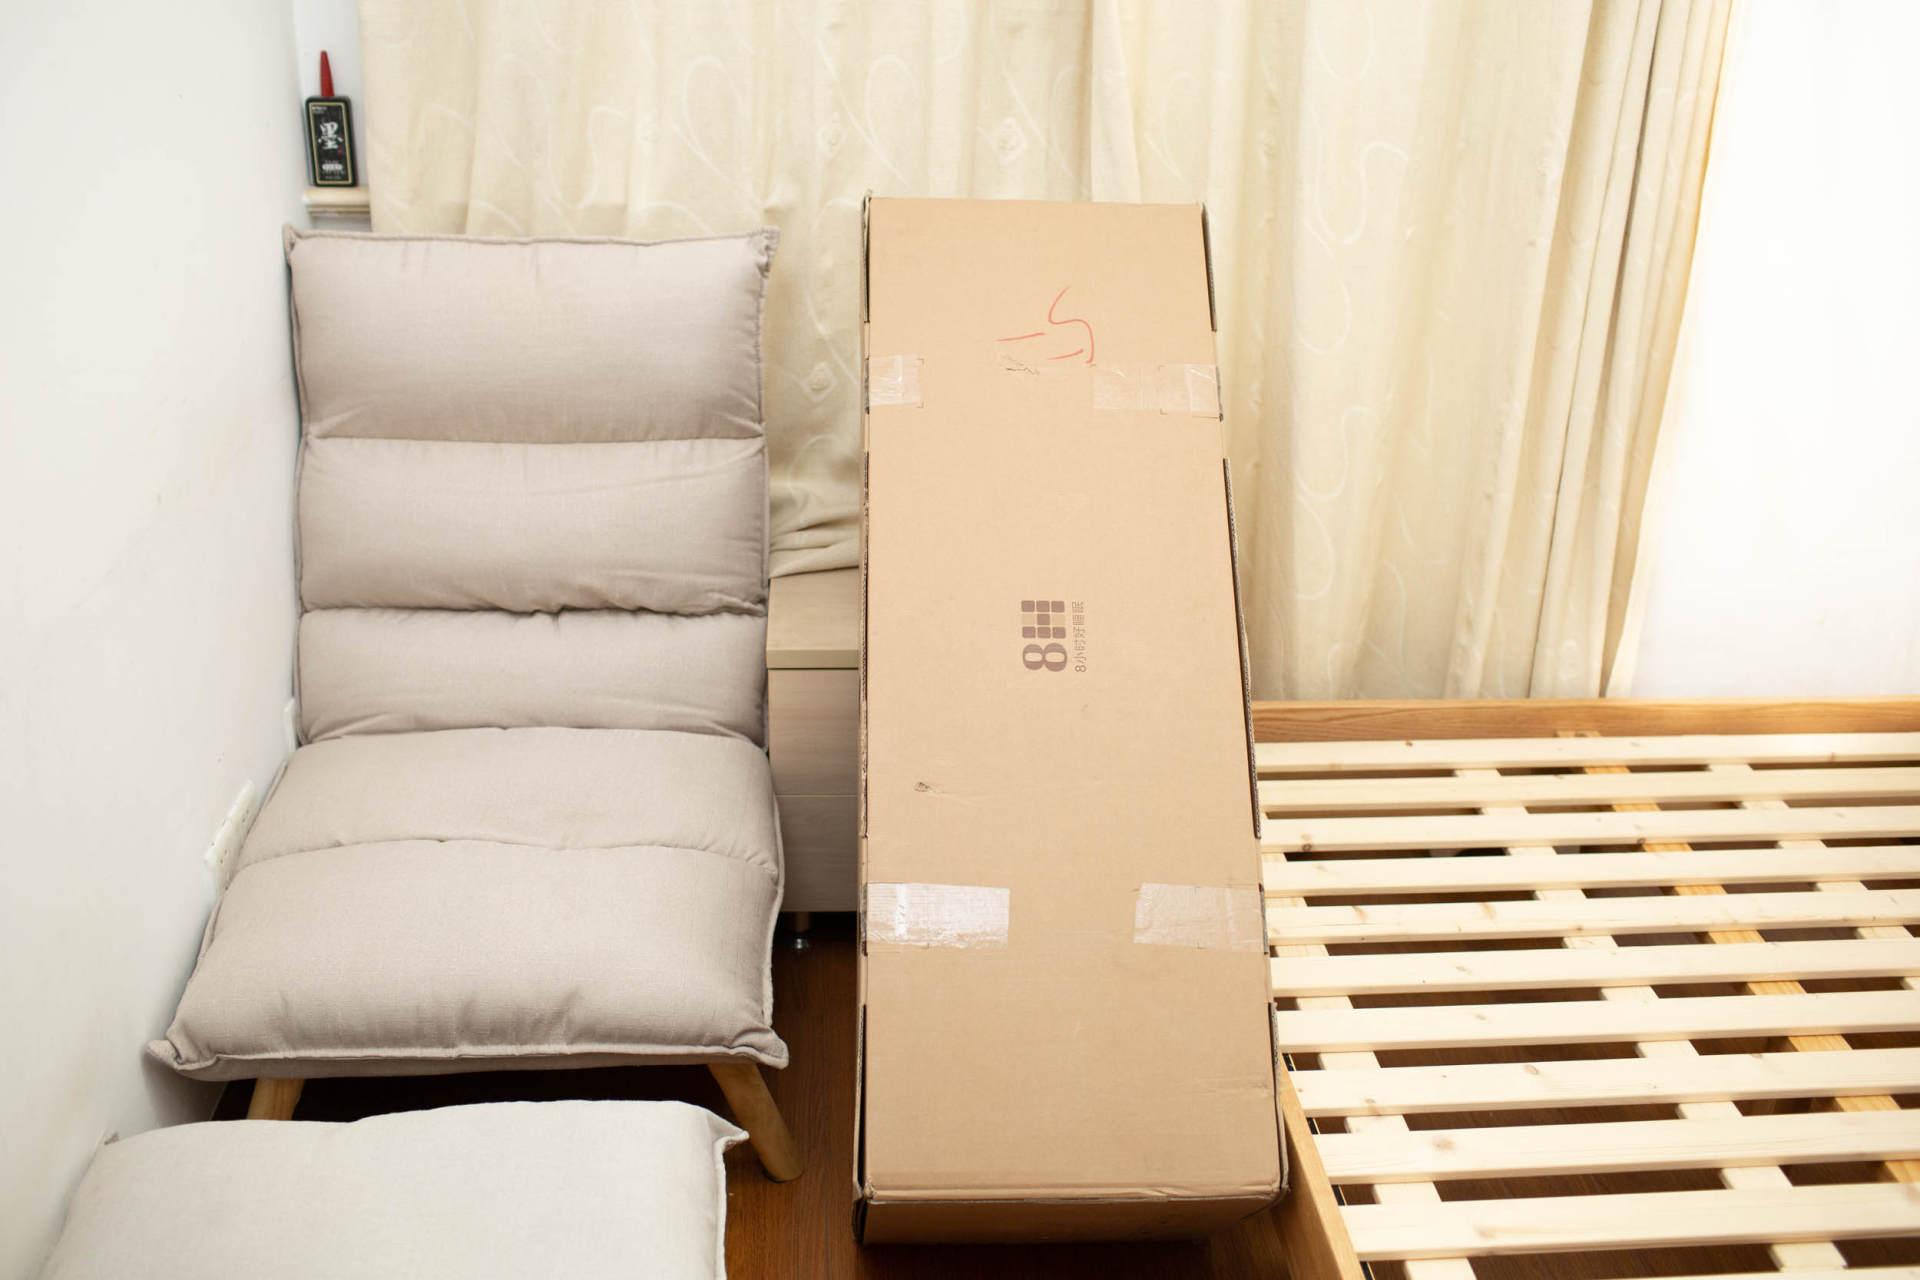 软硬两面,易于护理,8H乳胶床垫2体验